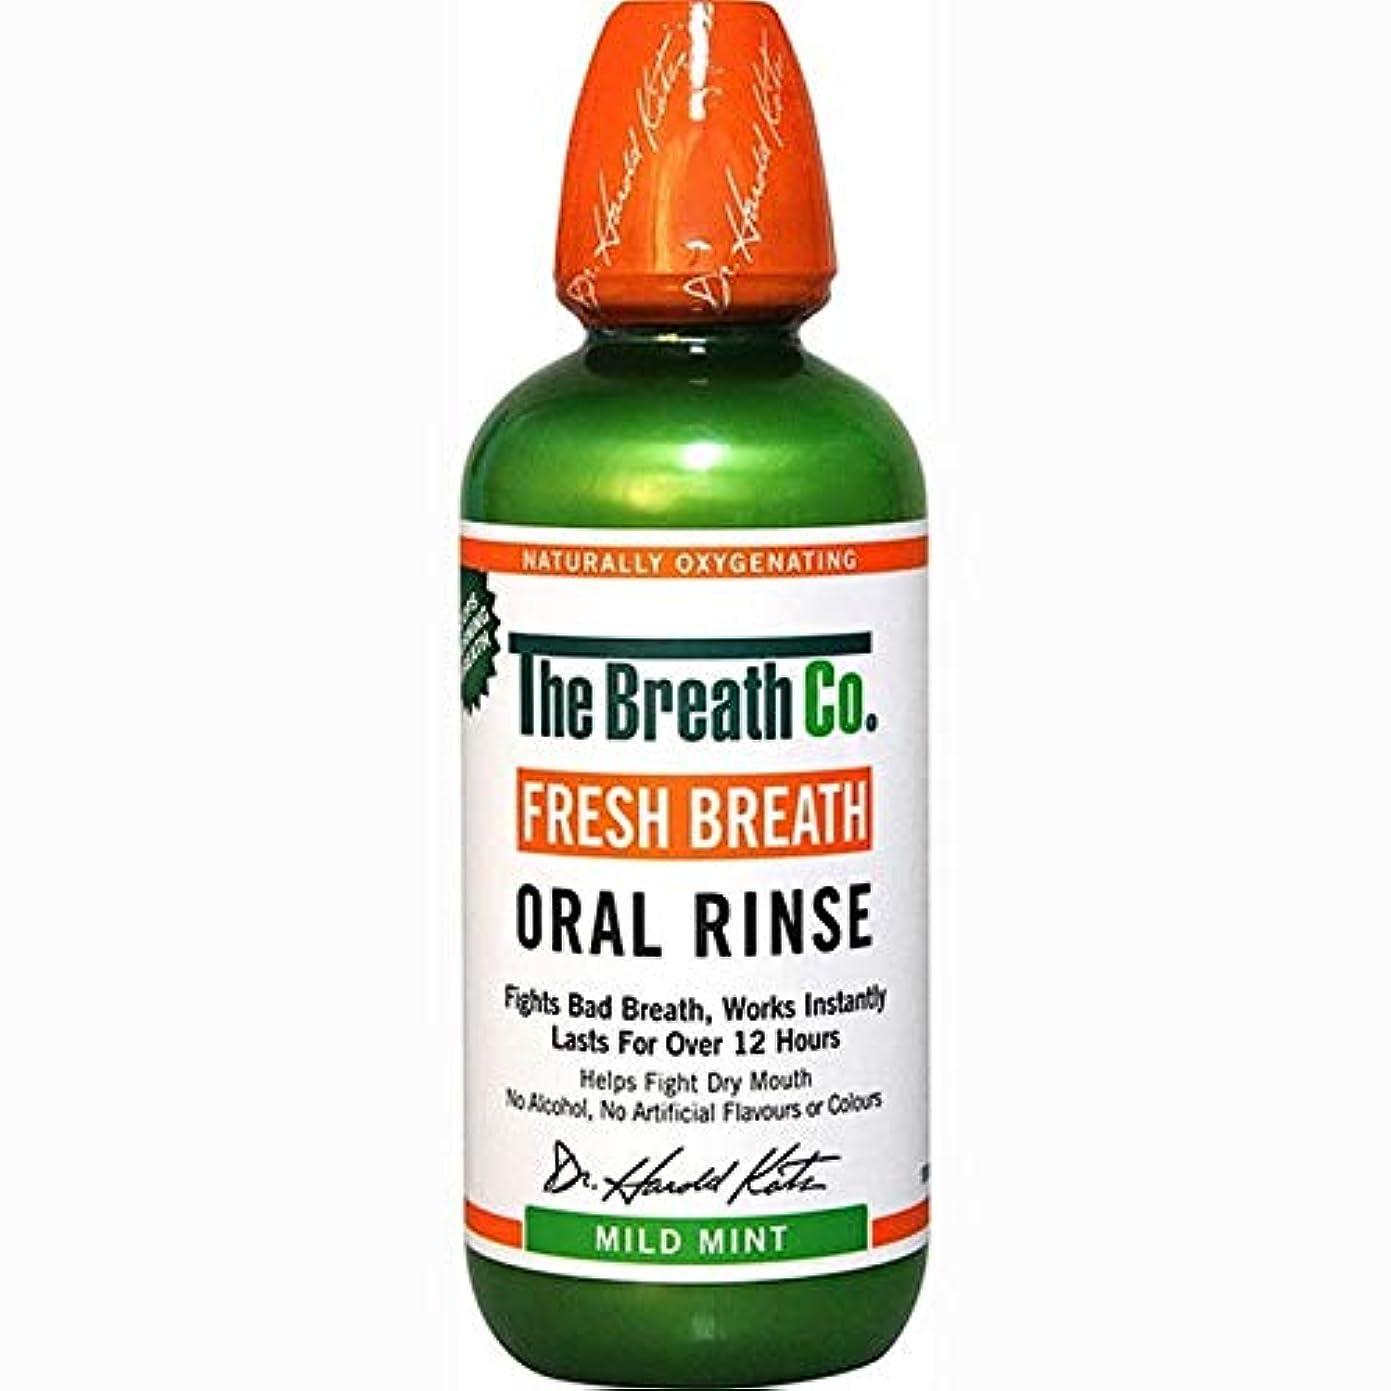 狂信者考え湖[The Breath Co] 息のCo新鮮な息口腔リンスマイルドミント500ミリリットル - The Breath Co Fresh Breath Oral Rinse Mild Mint 500ml [並行輸入品]